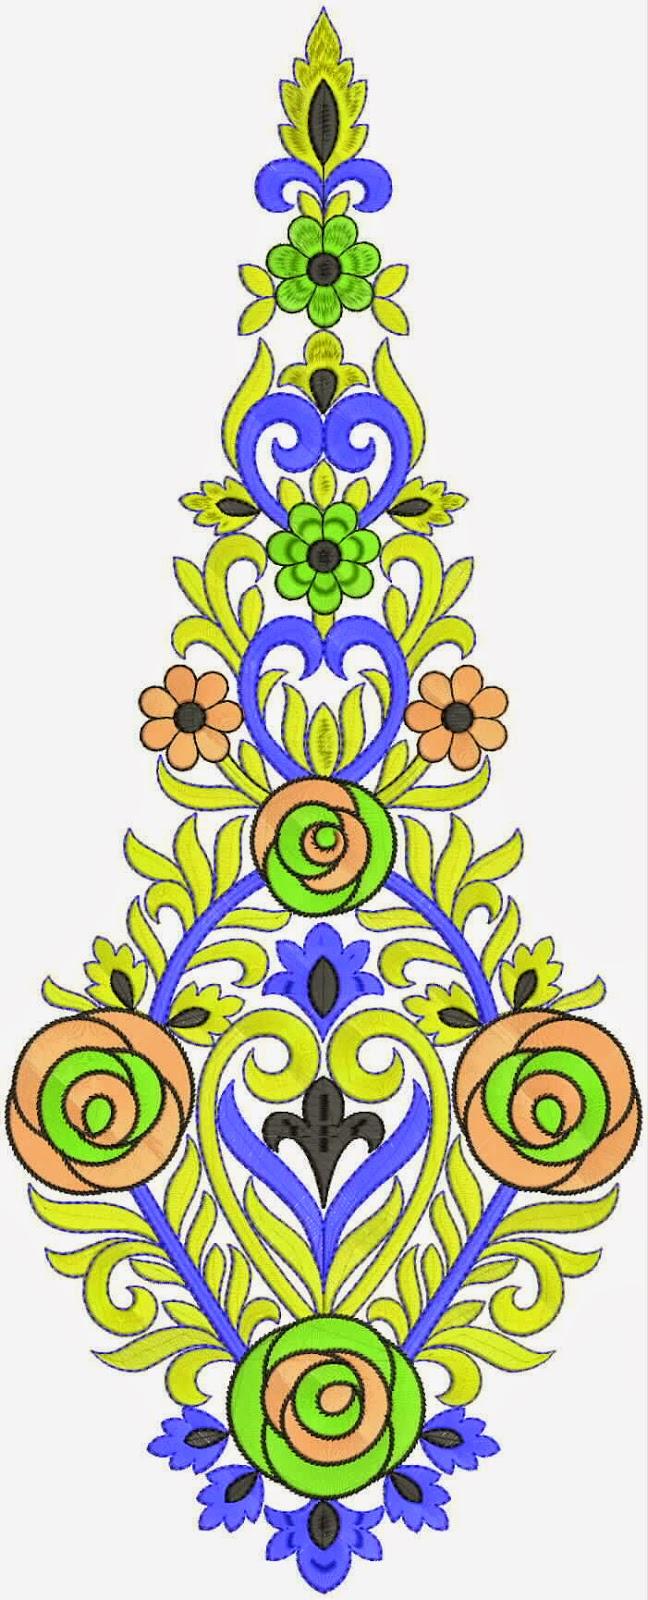 pagri stikwerk blomme werk appliekwerk ontwerp